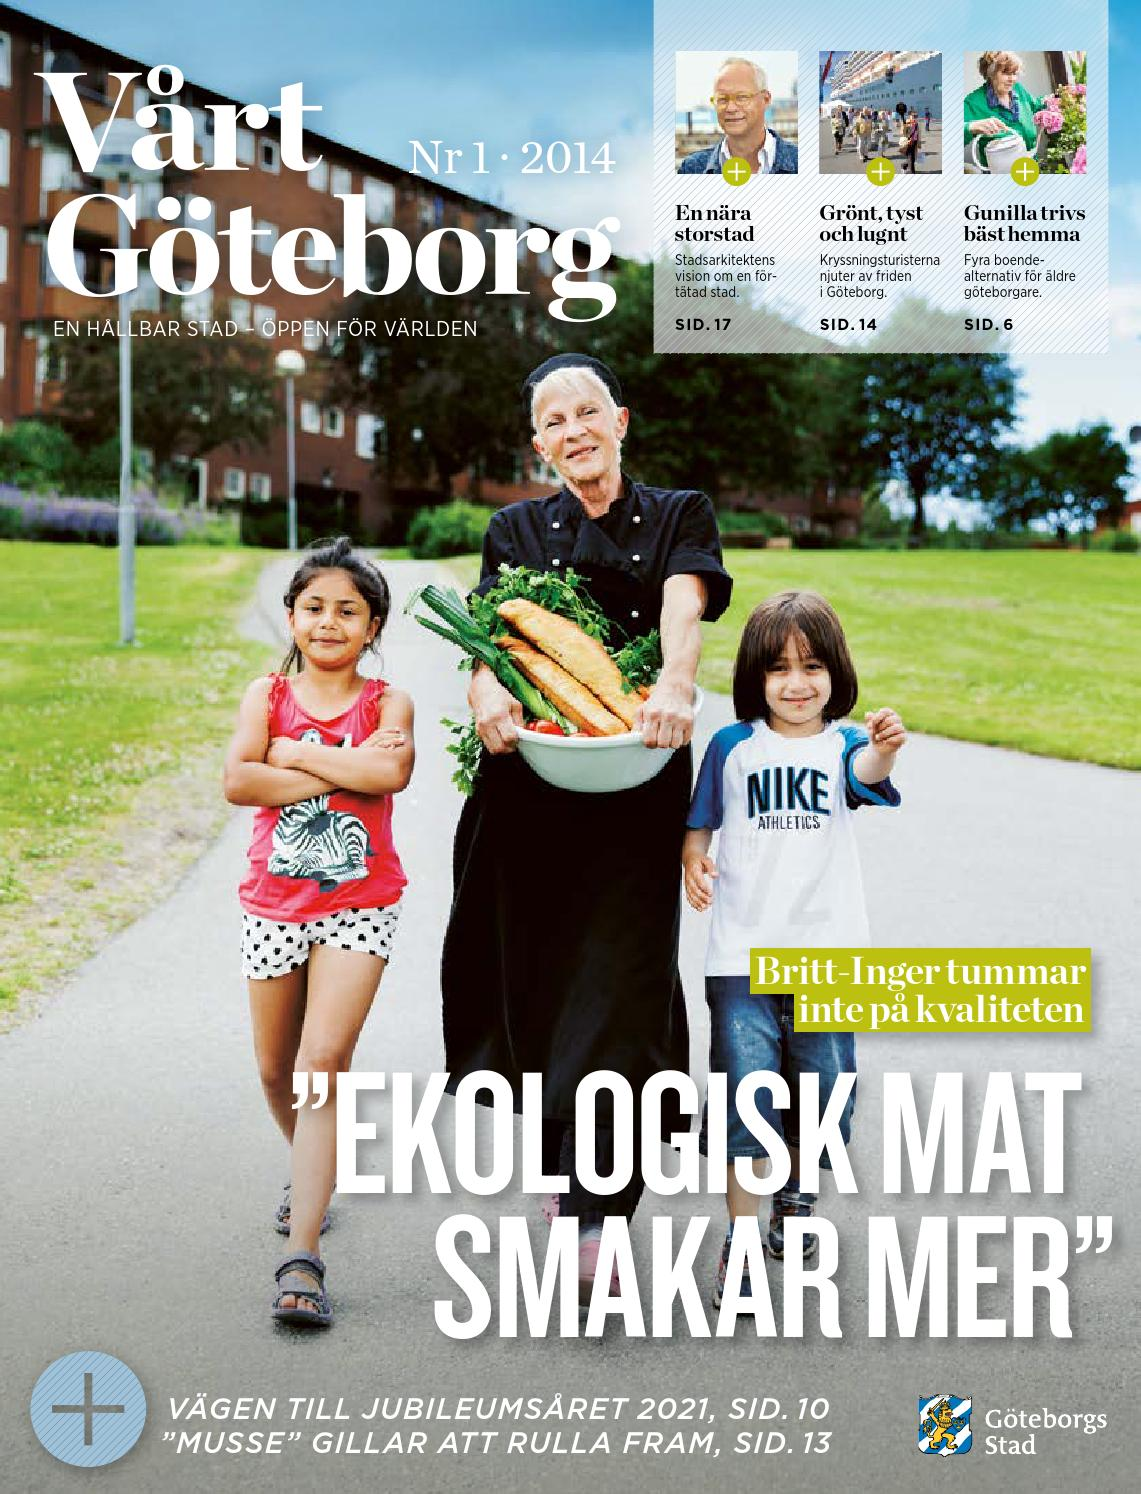 Hr trffas seniorerna   Gteborgs-Posten - Hlsa